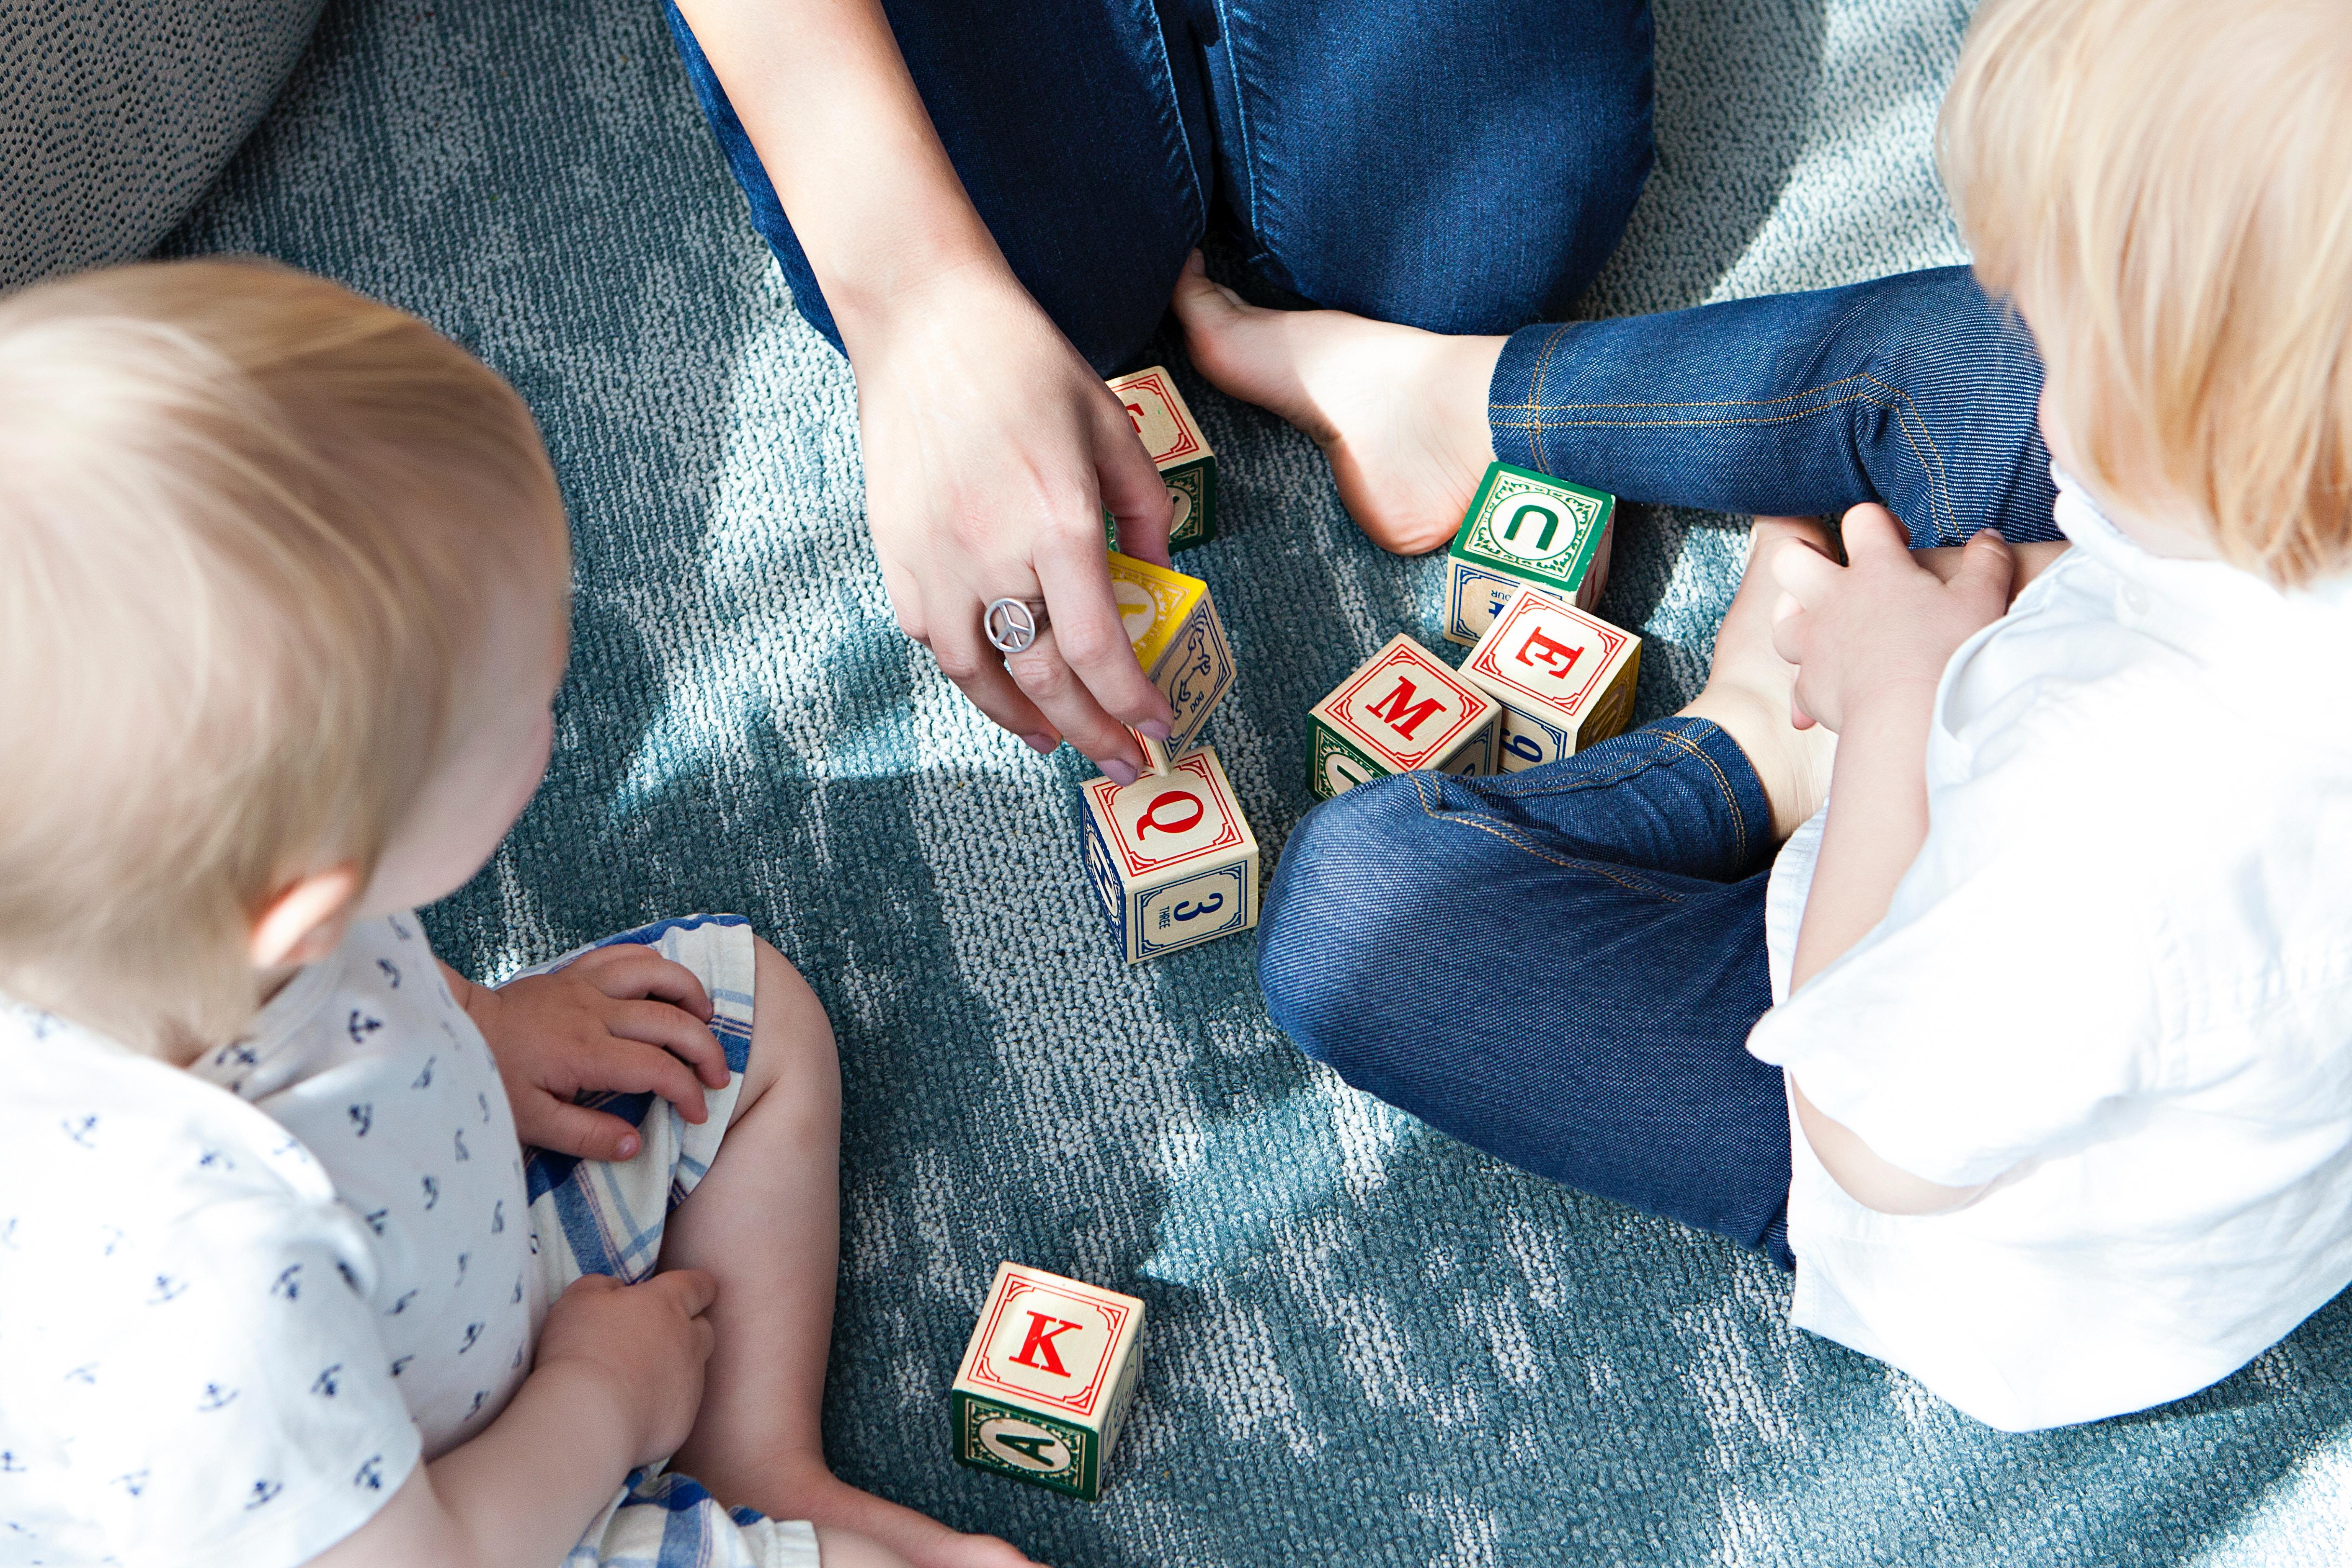 2人目の出産でNIPT(新型出生前診断)を受ける人は多い?NIPTの正しい知識を解説!